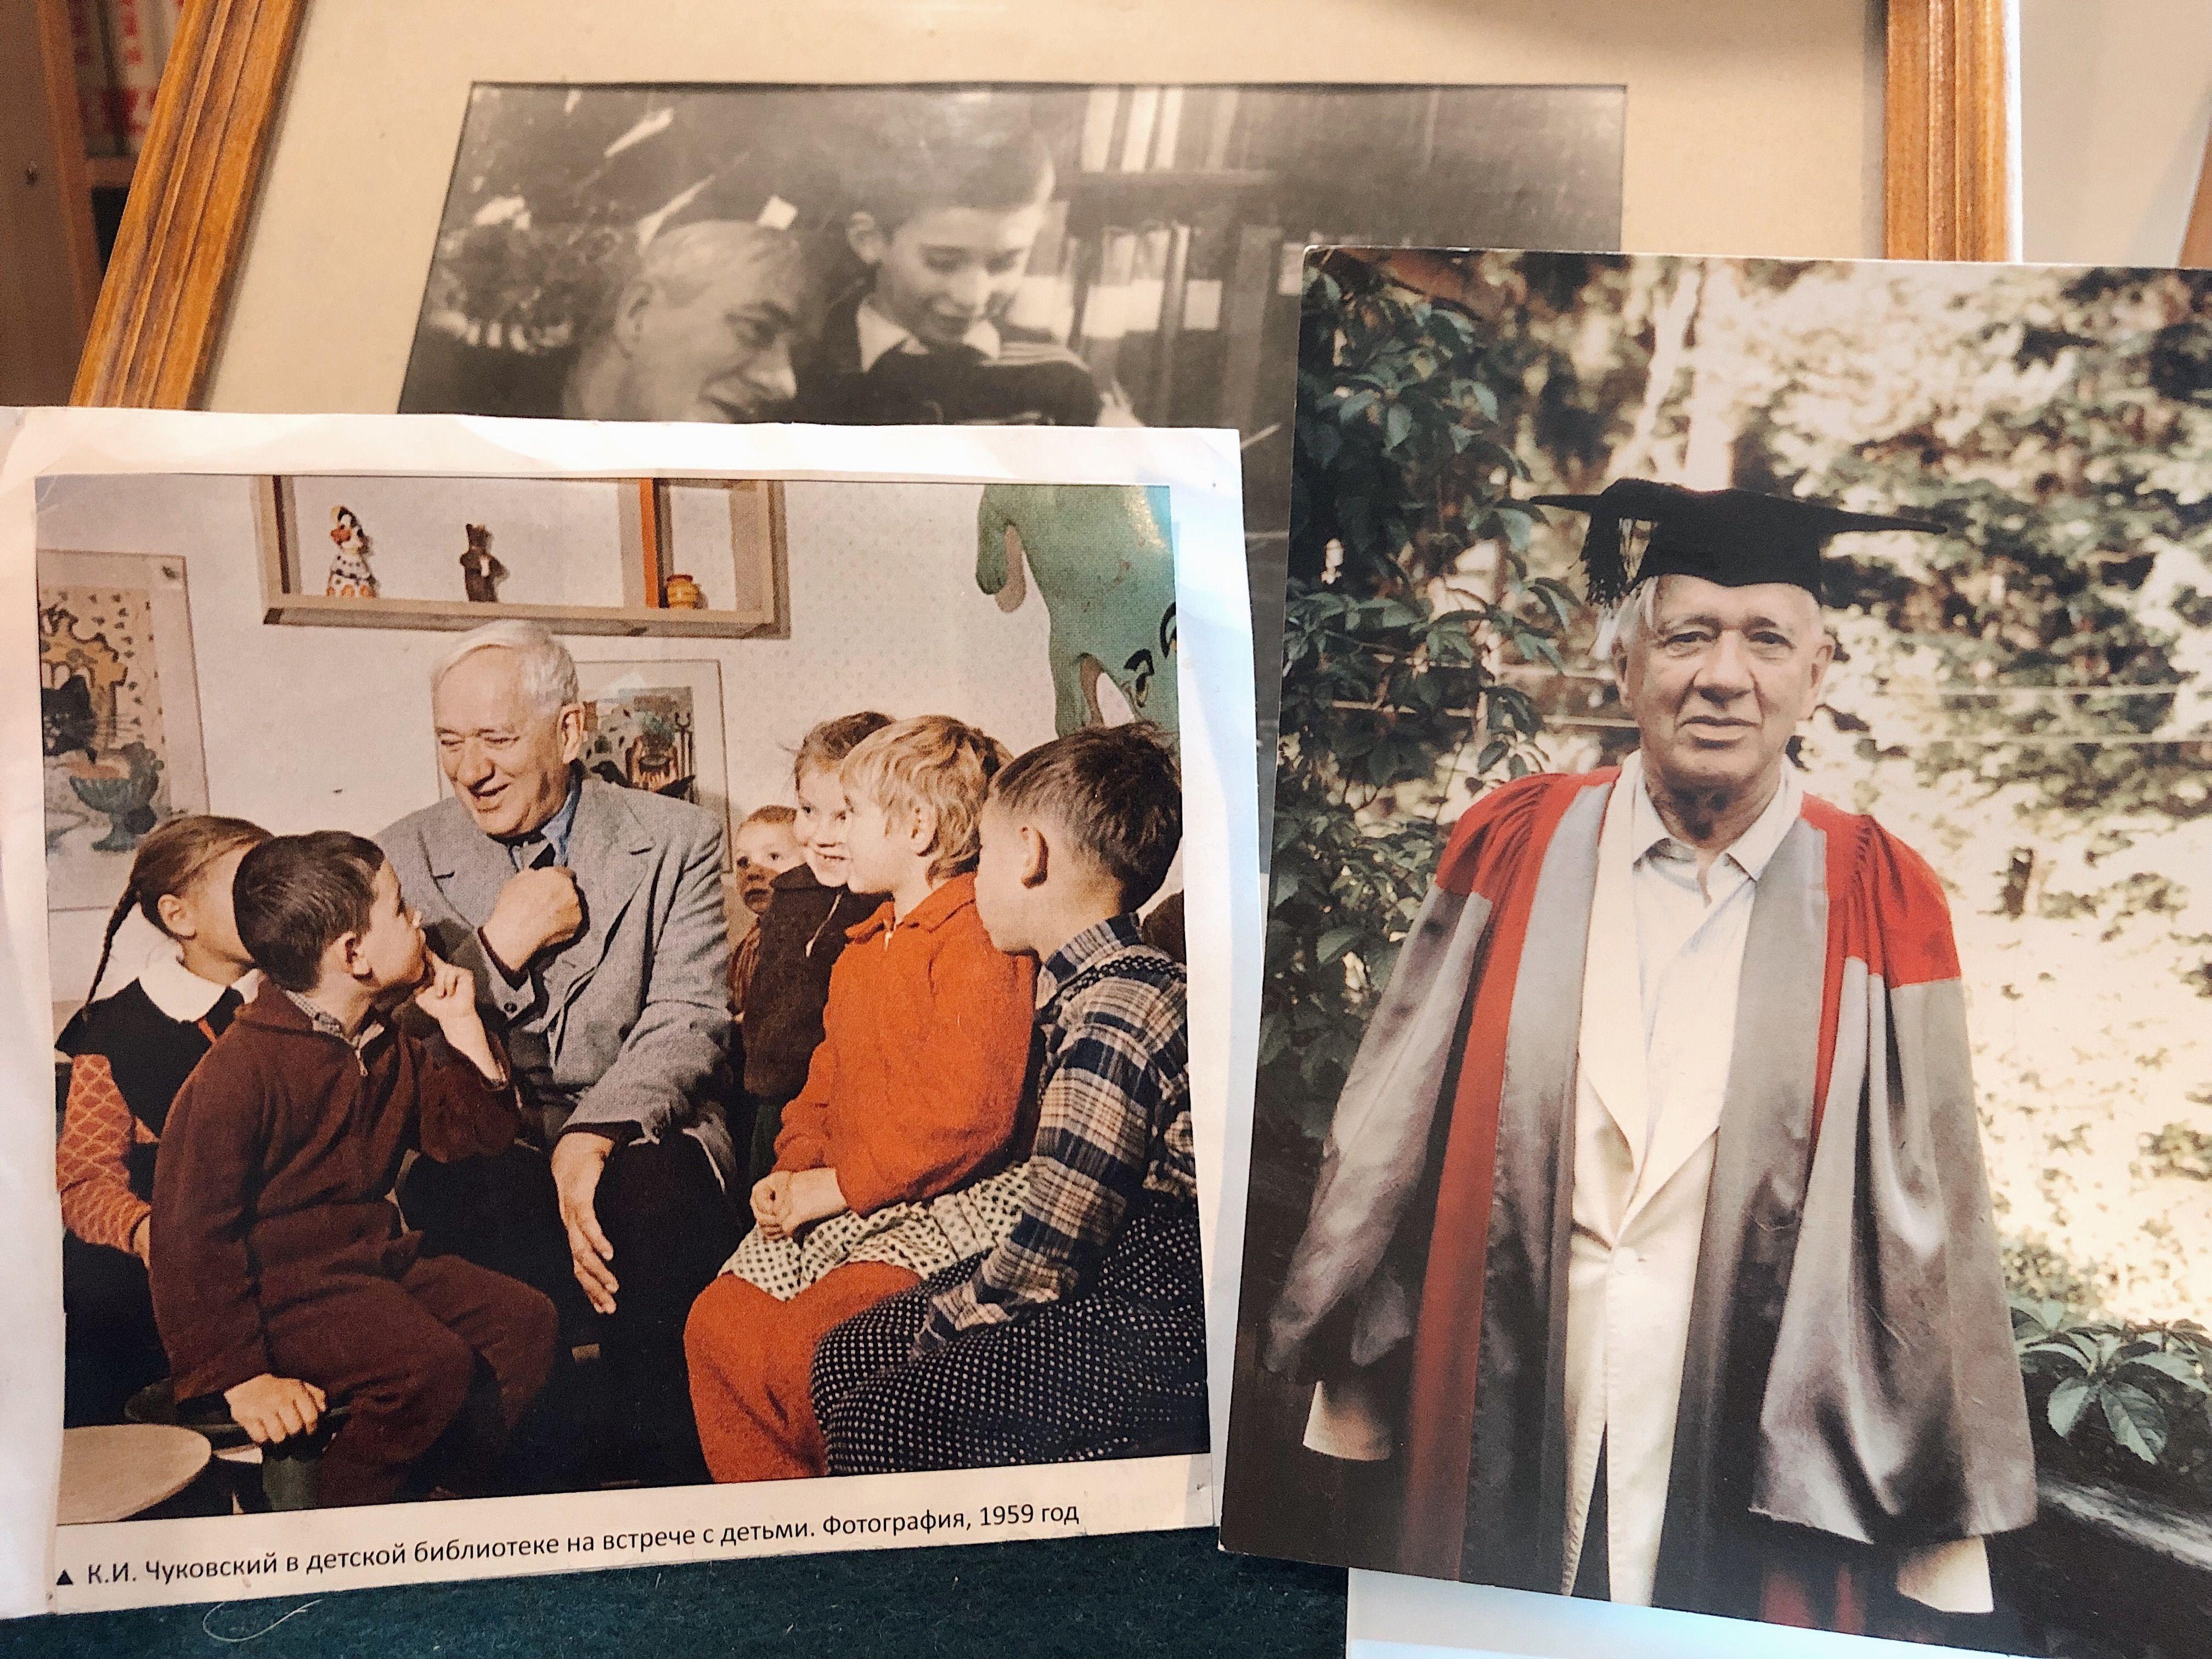 Библиотека во Внуковском — воплощение мечтыписателяКорнея Чуковского и сосредоточие воспоминаний о нем